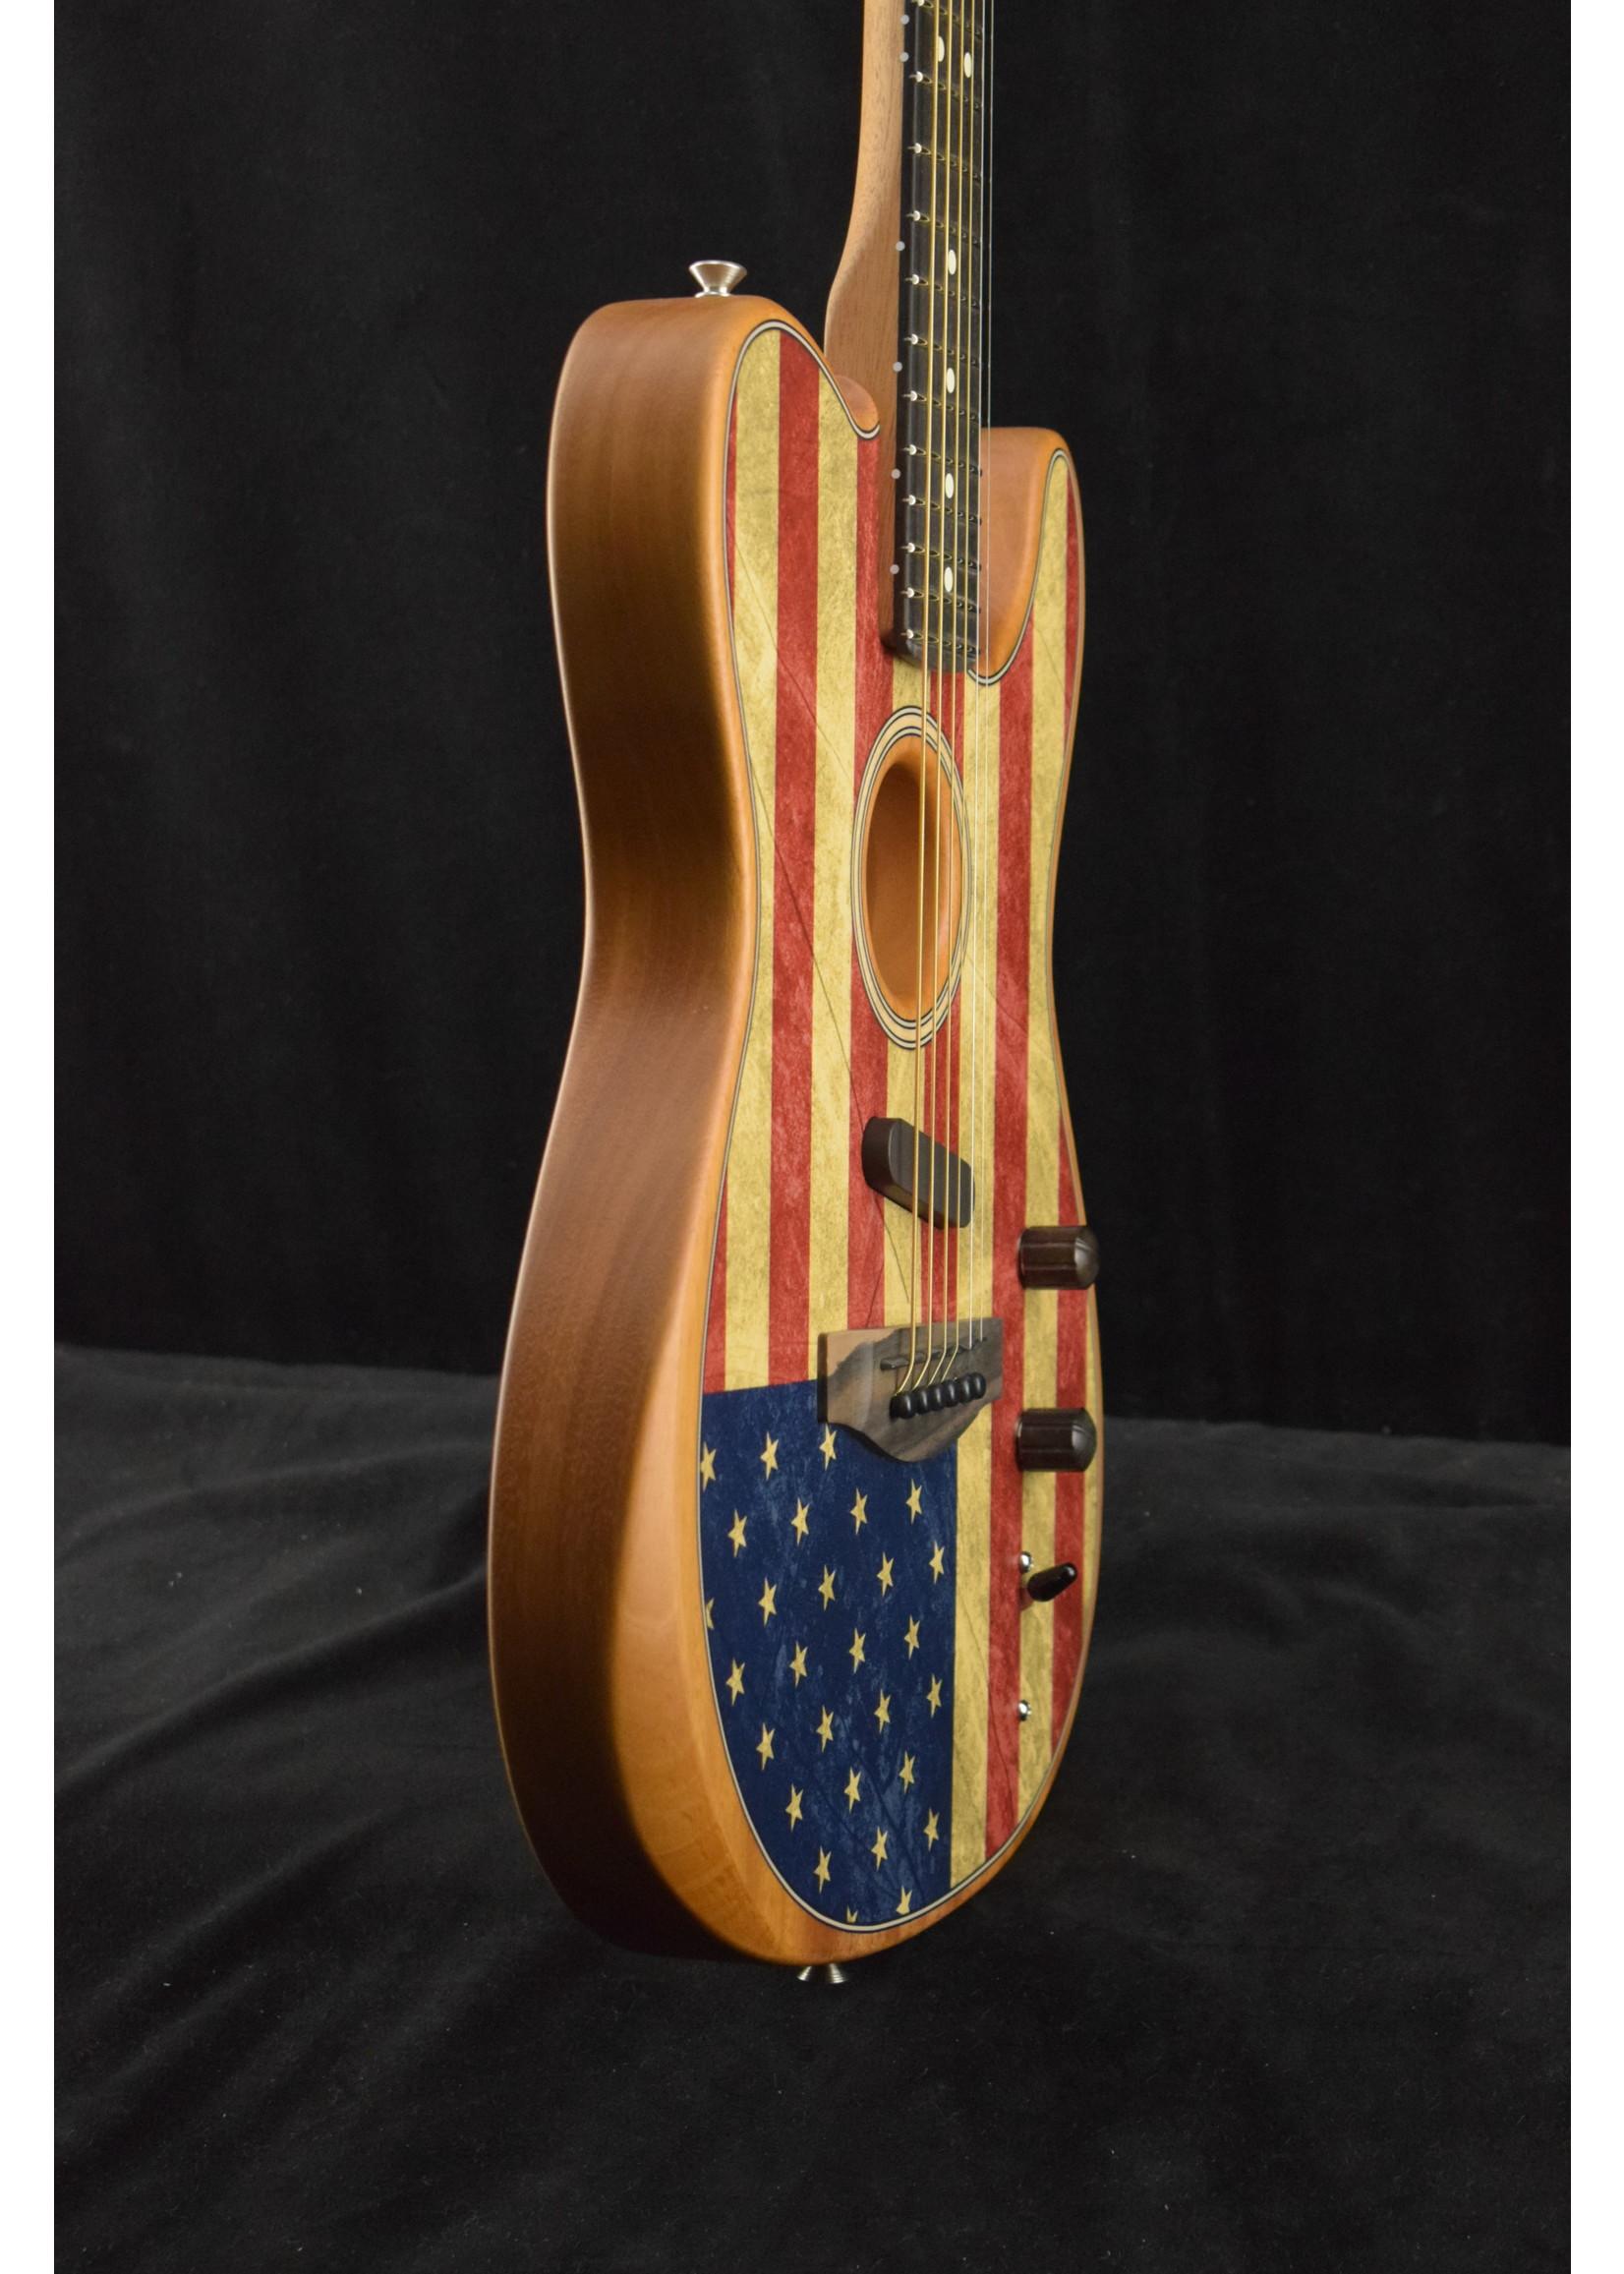 Fender Fender American Acoustasonic Telecaster EB Ebony Fingerboard Flag